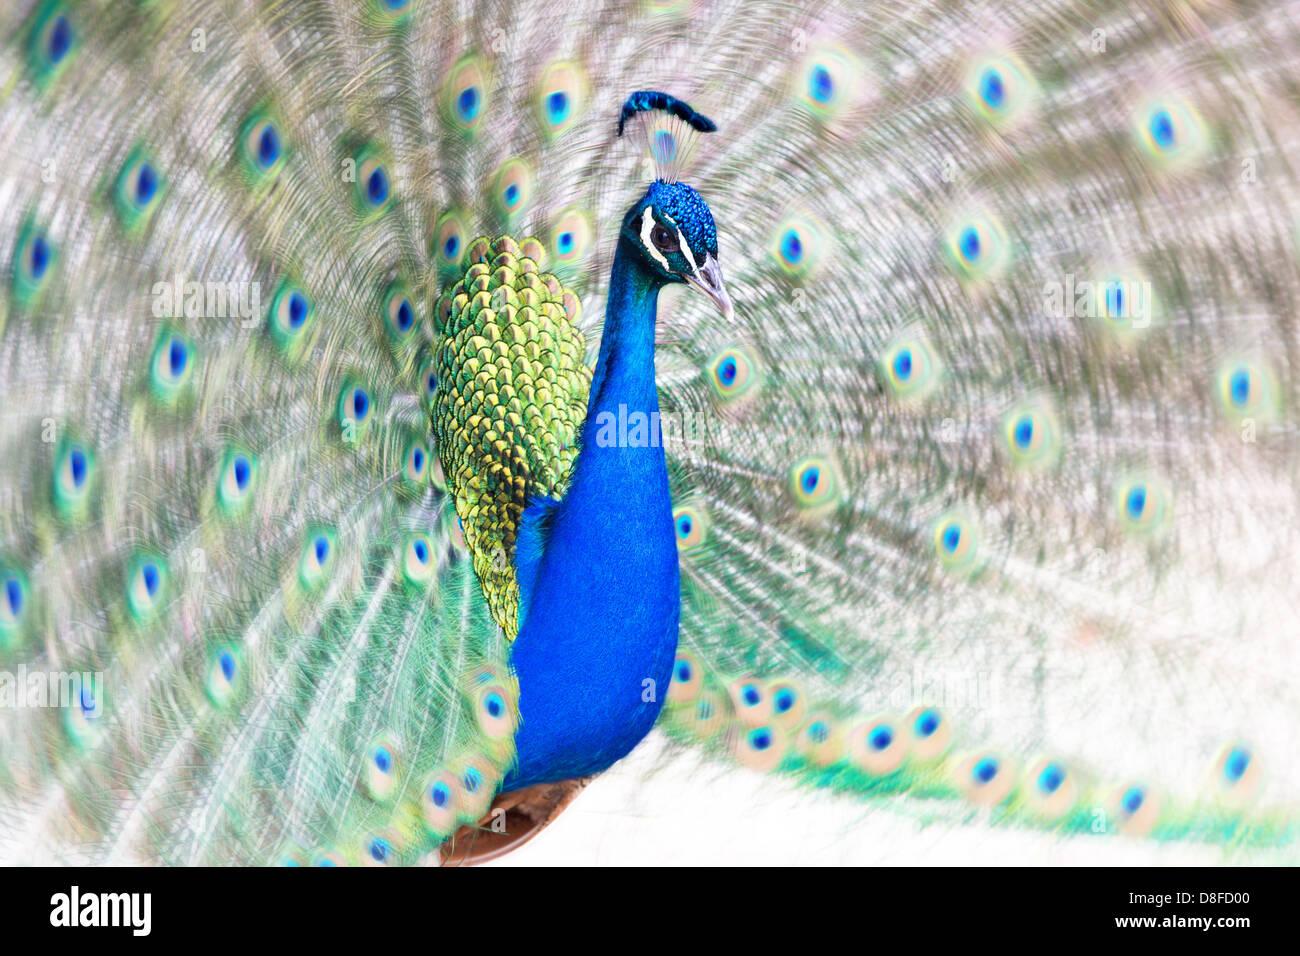 Peacock avivando su cola Imagen De Stock